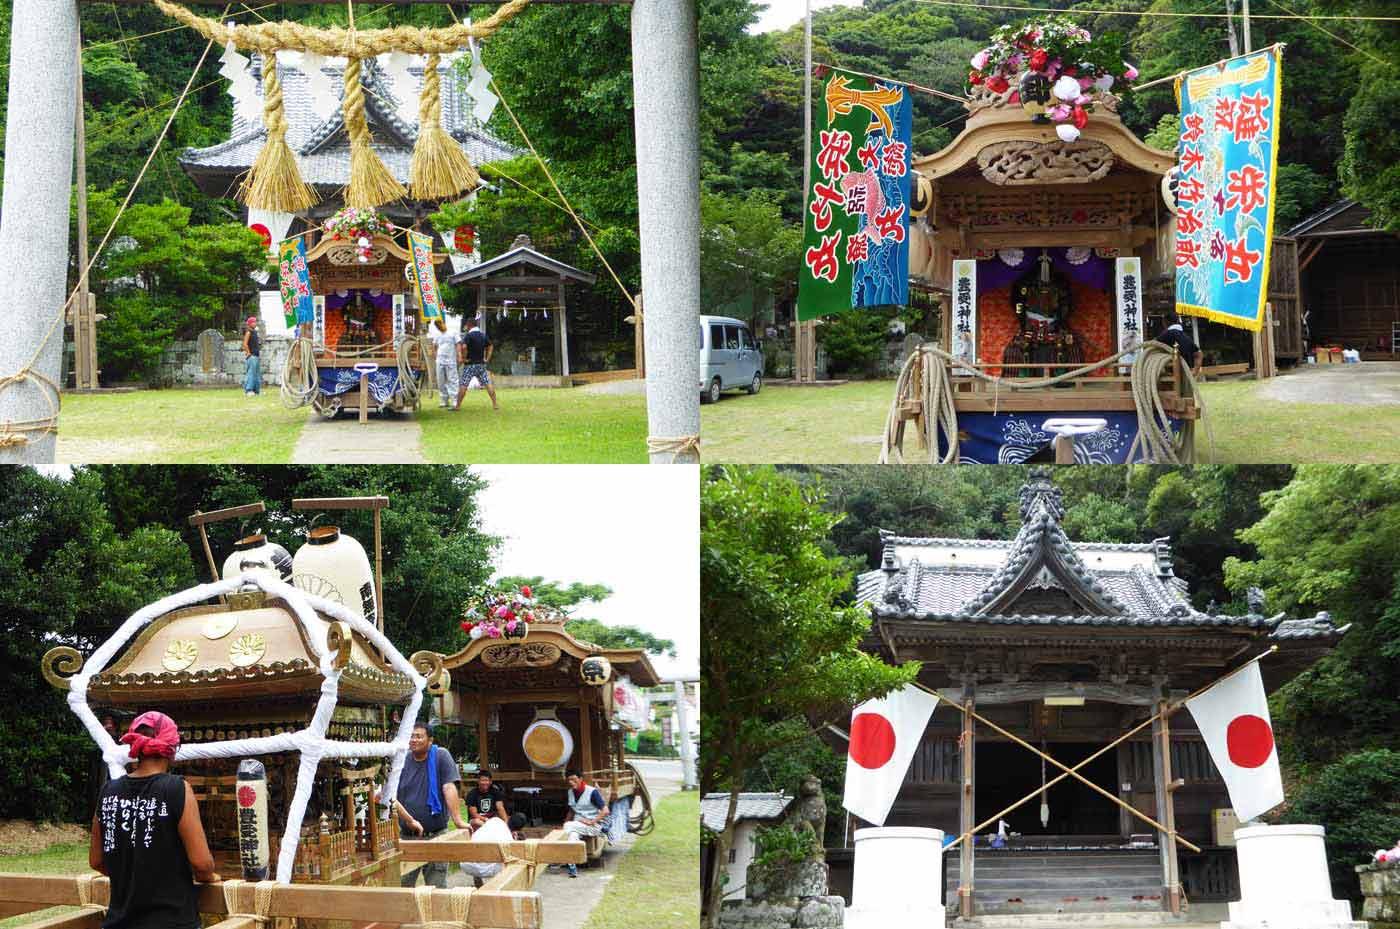 南無谷 豊受神社の屋台と神輿